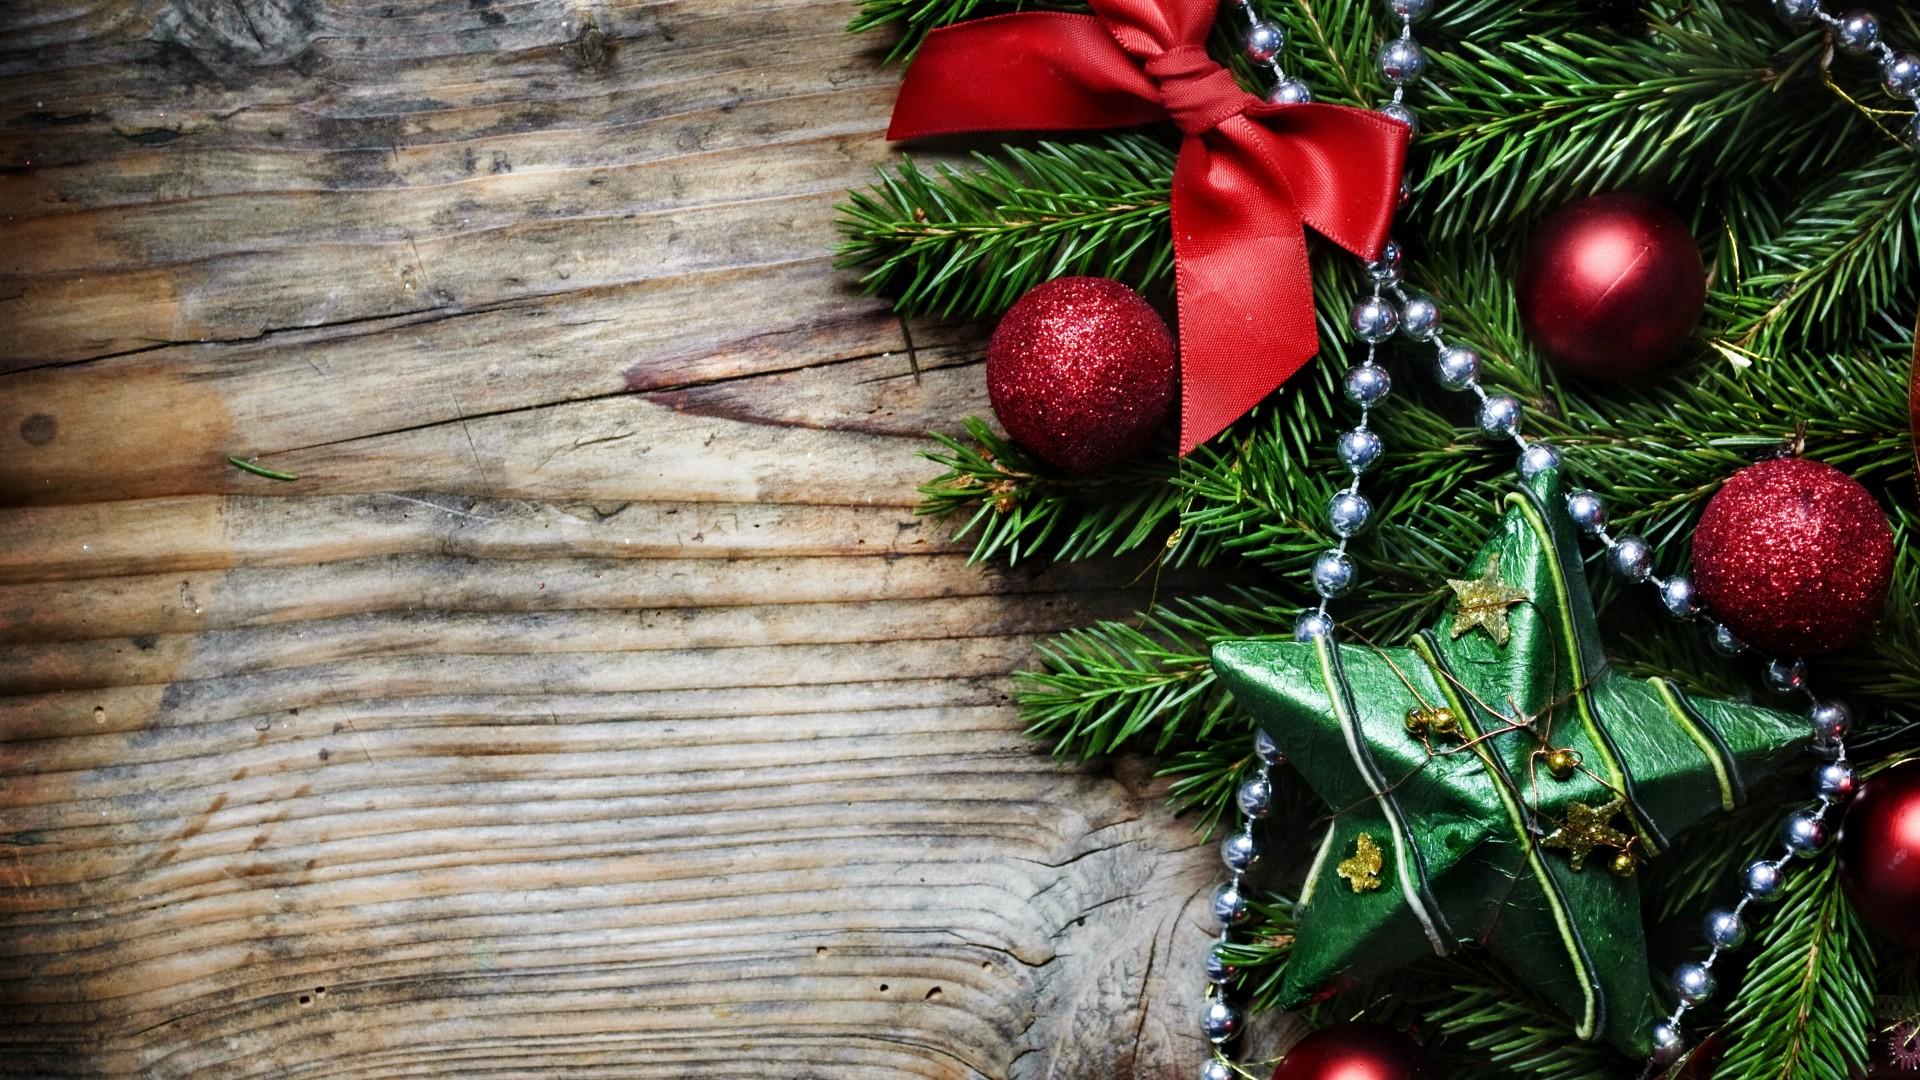 новогодние темы для обоев рабочего стола № 579463 бесплатно